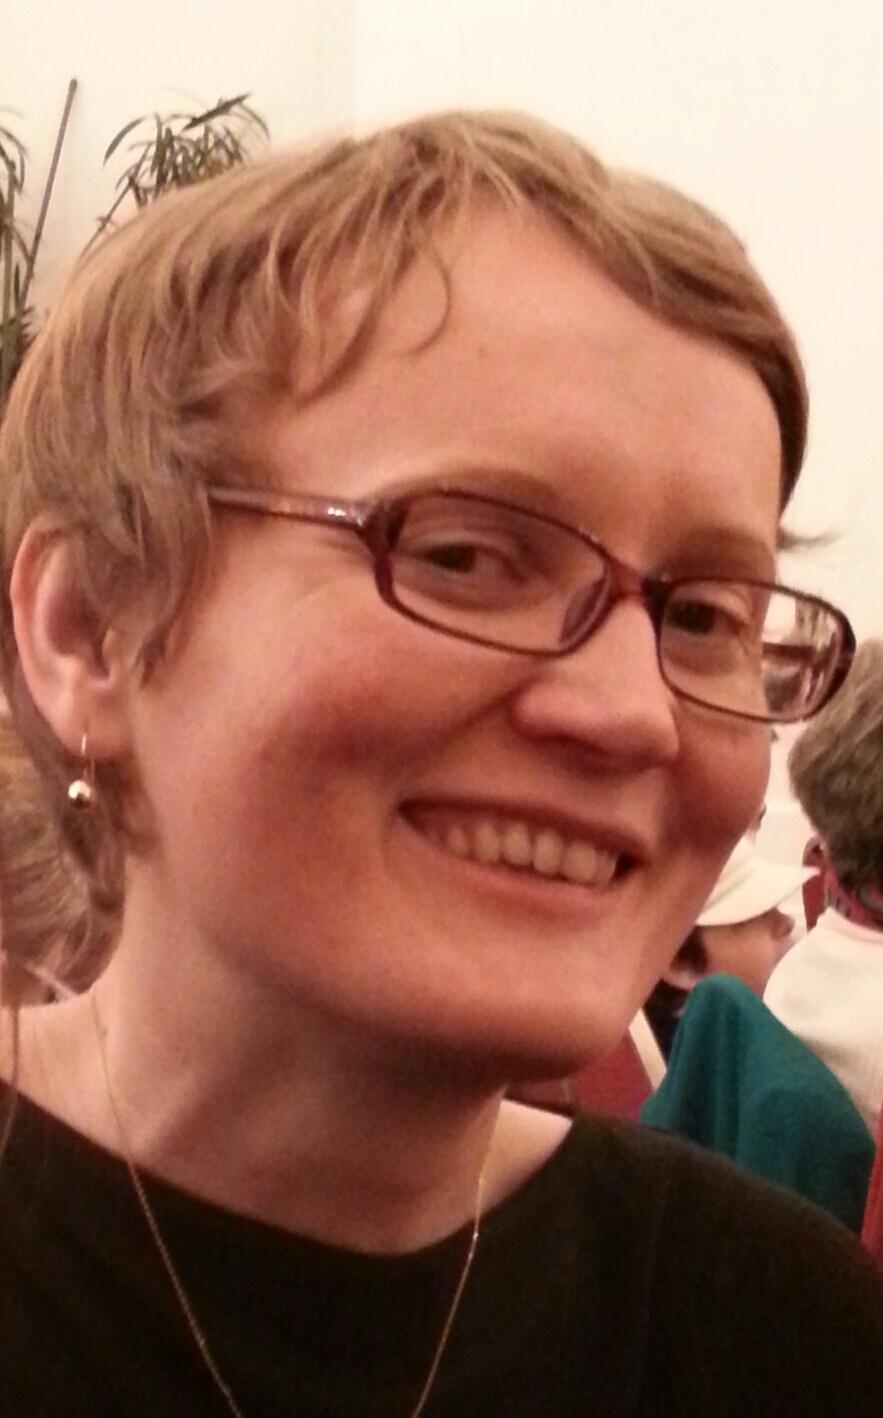 Maria from Hamburg